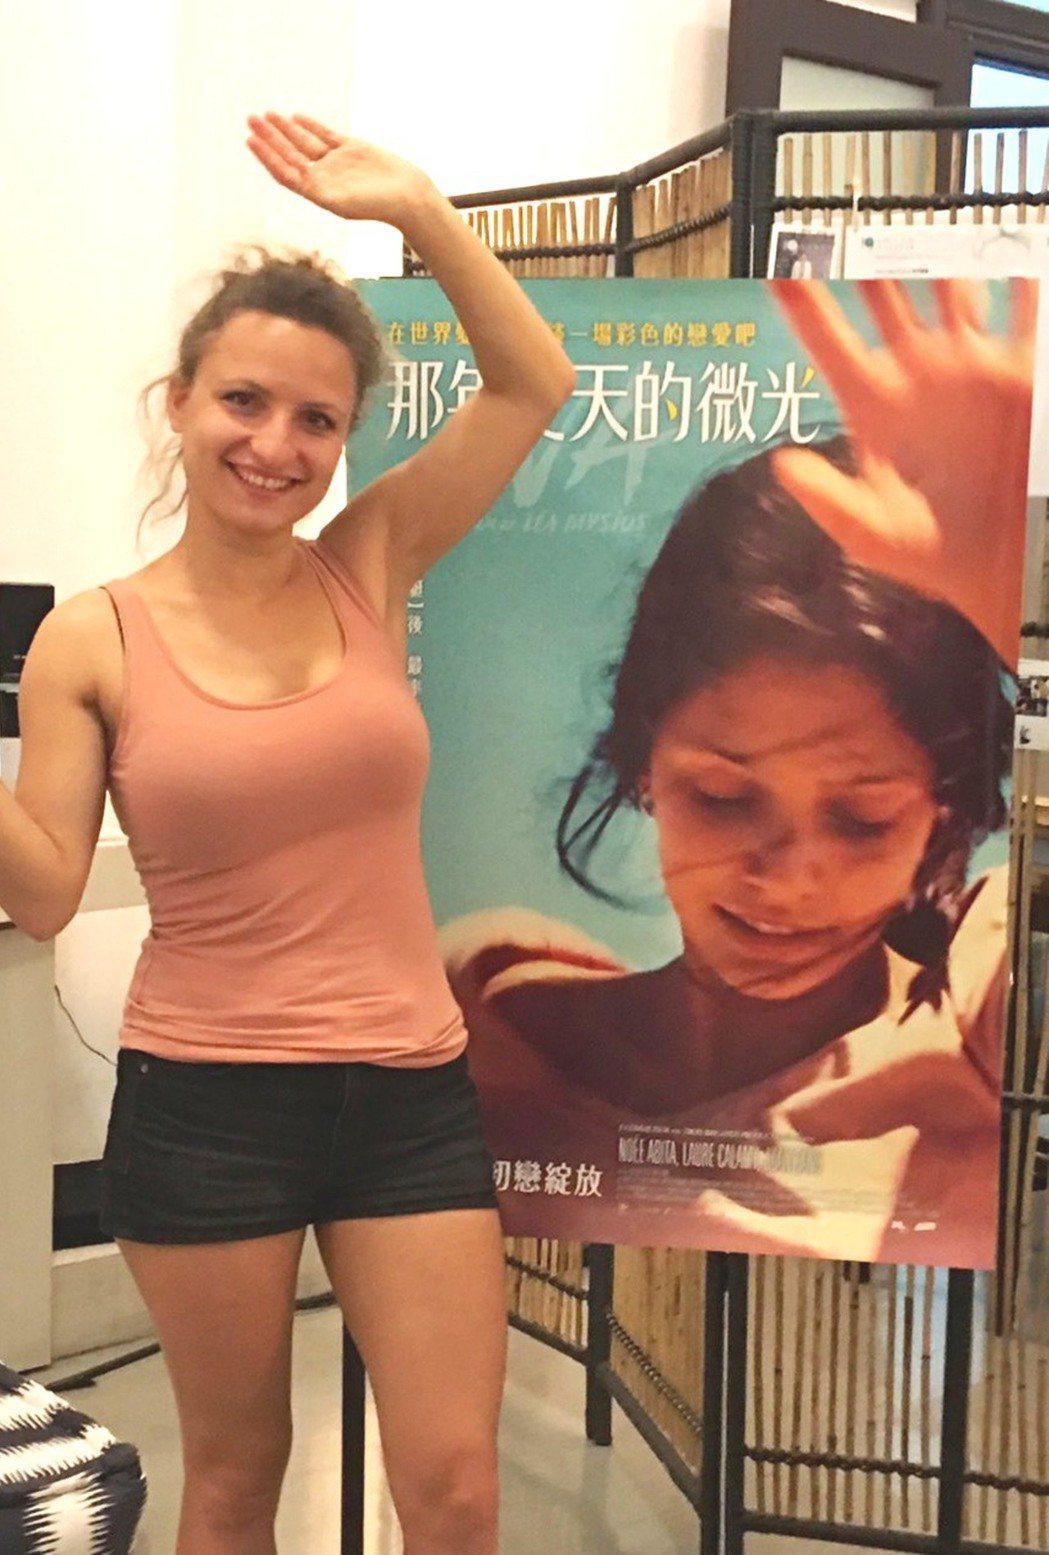 法國導演蕾雅米修斯為新片「那年夏天的微光」來台宣傳。圖/Catchplay提供